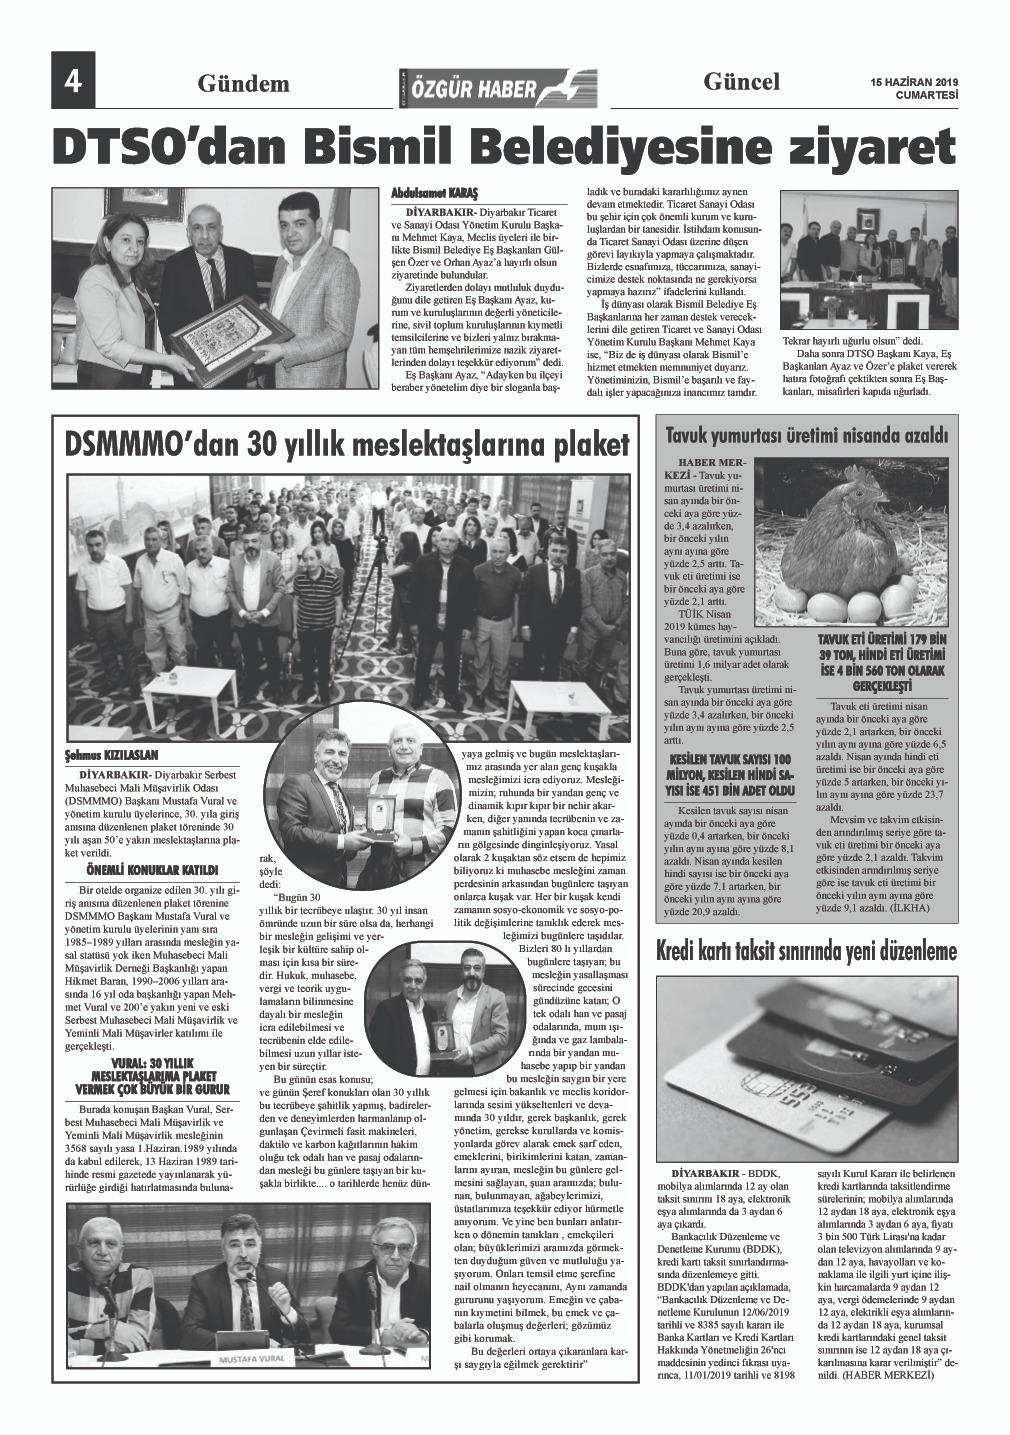 DSMMMO'DAN 30 YILLIK MESLEKTAŞLARINA PLAKET (özgürhaber gazetesi)